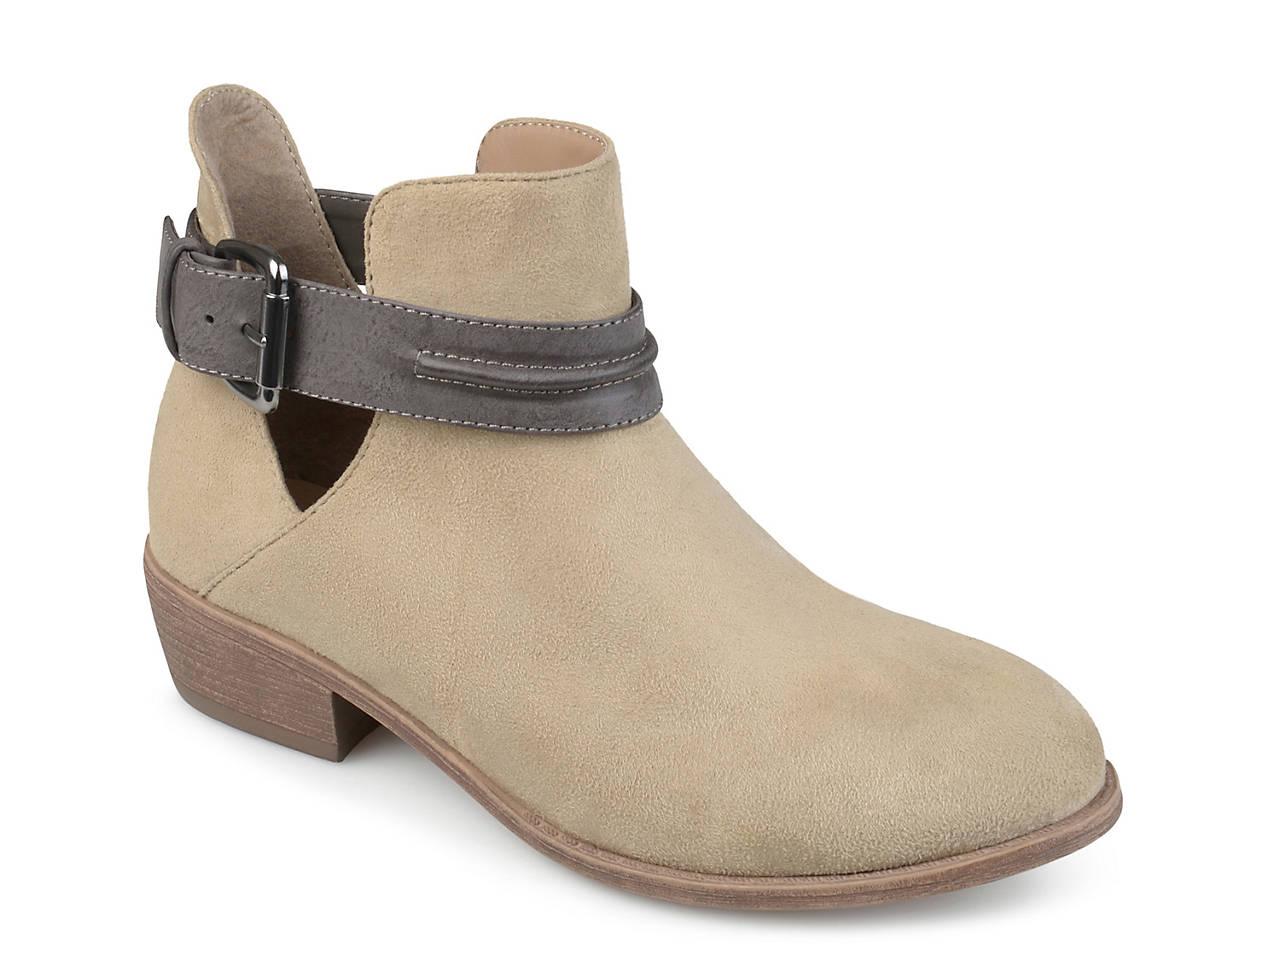 2c6e2799499e0 Journee Collection Mavrik Bootie Women s Shoes